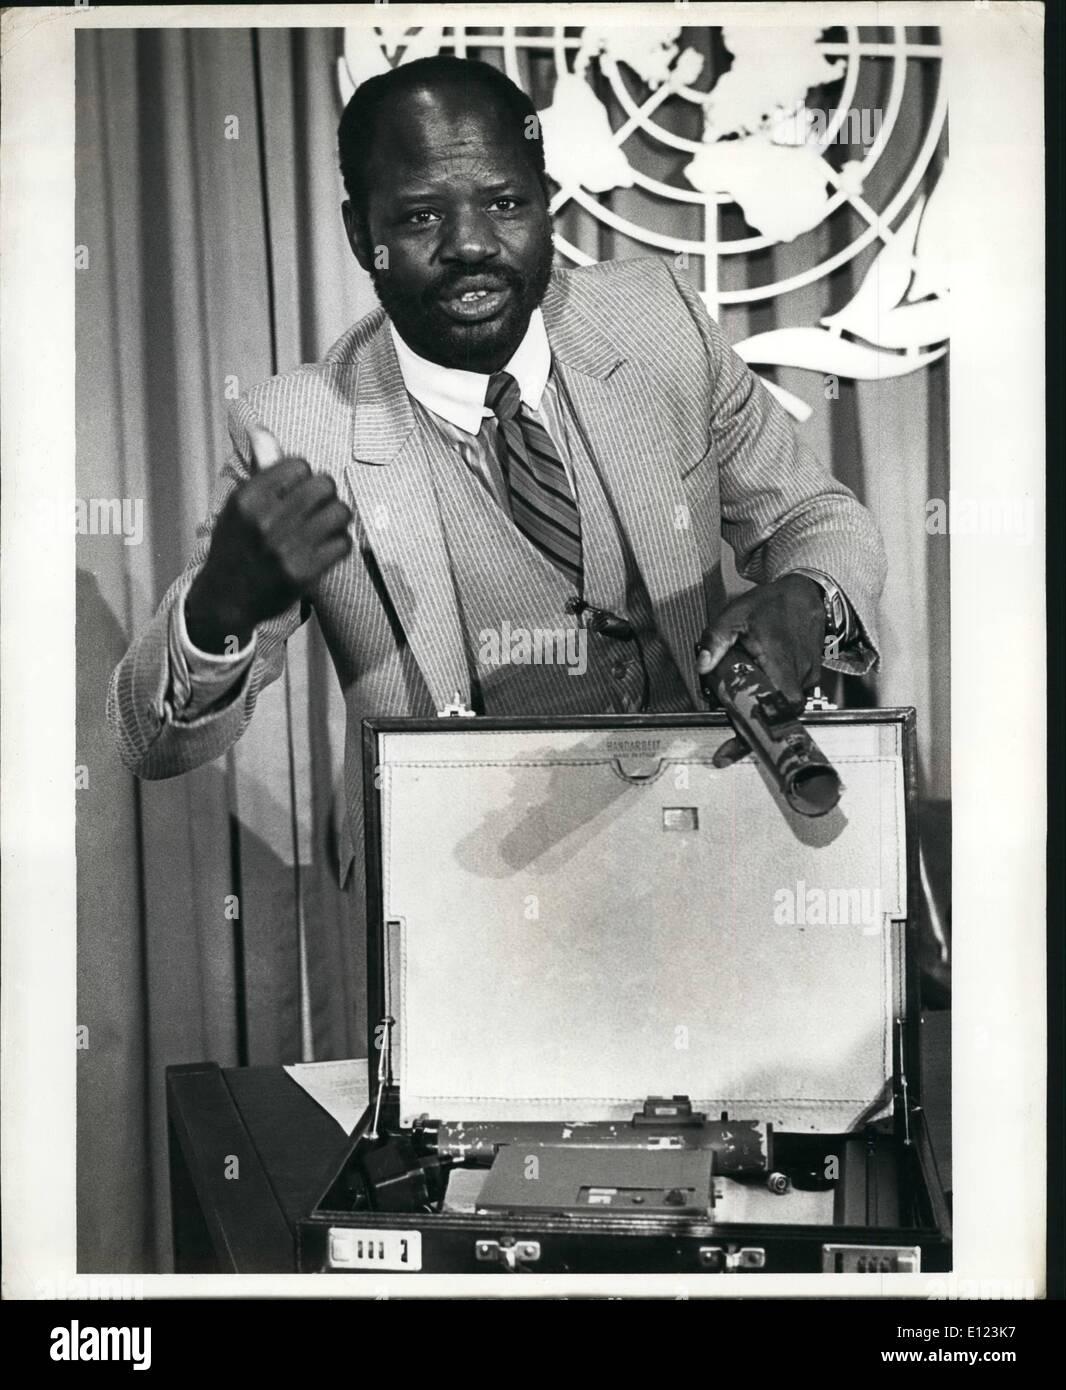 31. Januar 1985 - 31. Januar 1985, Vereinte Nationen, New York City: Mr Gouara Lassou, Minister für auswärtige Angelegenheiten des Tschad, präsentiert Dokumente und Videobänder an den Rat der Vereinten Nationen, der libysche Staatschef Muammar Kaddafi auf einem Grundstück zu sprengen, Präsident Hissene Habré im Tschad und sein ganzes Kabinett verwickelt. Als Teil seiner Beweise Mr Lassou Einzelfall Attache, die enthielte angezeigt, 33 Pfund Czech made Semtex-H Sprengstoff in sechs Backsteine verpackt in Öl-Papier, eine Antenne und einen funkgesteuerten Zünder unterteilt. Herr Stockbild